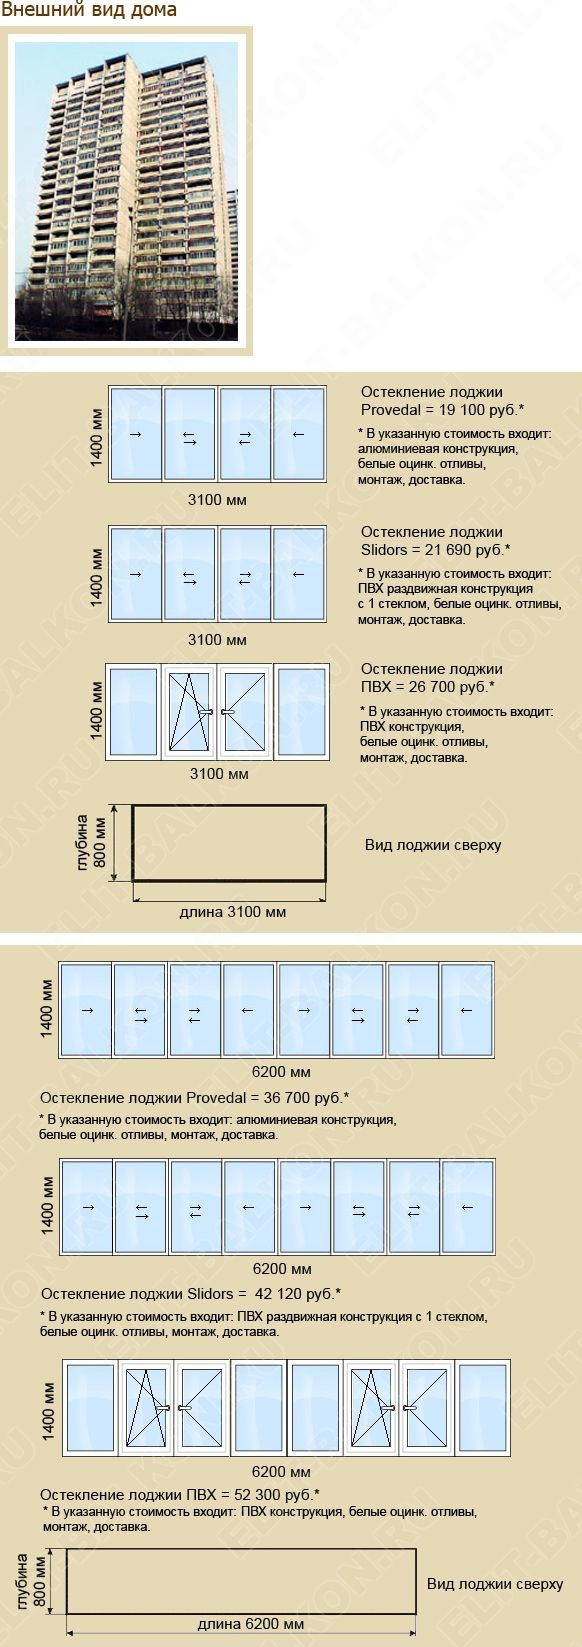 prize i 700a - Стоимость остекления балконов. Тип дома И -700А